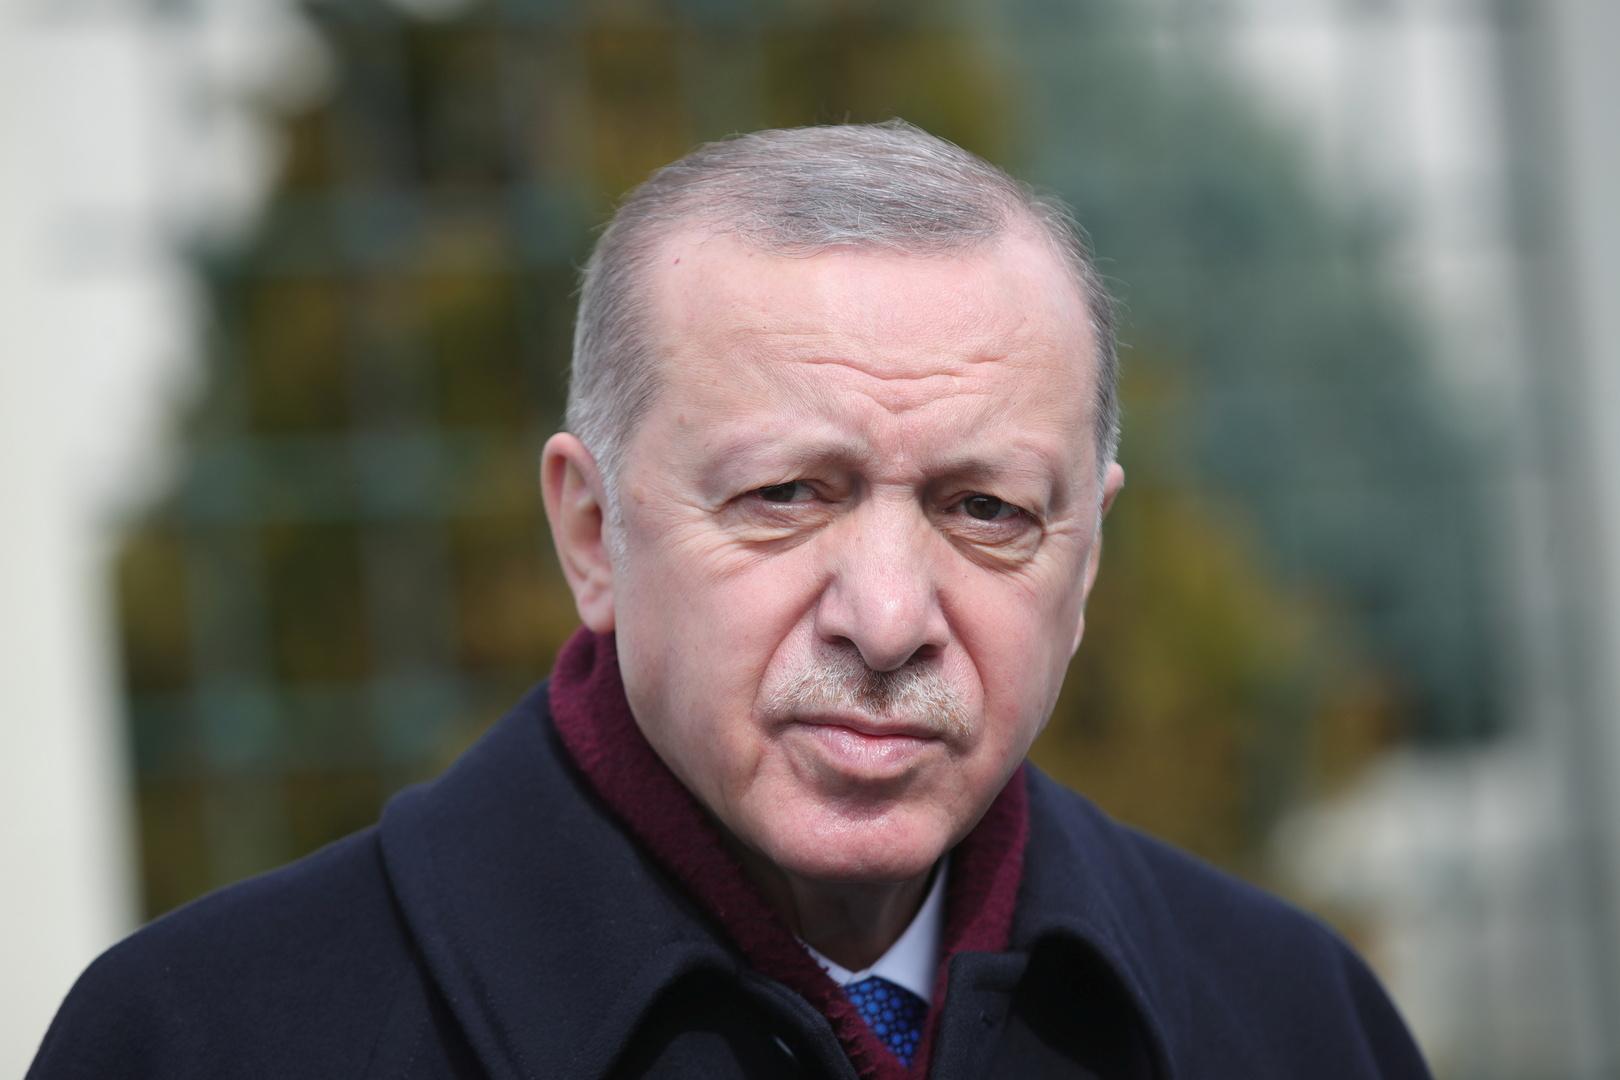 تركيا: اجتماع أردوغان مع المسؤولين الأوربيين كان إيجابيا